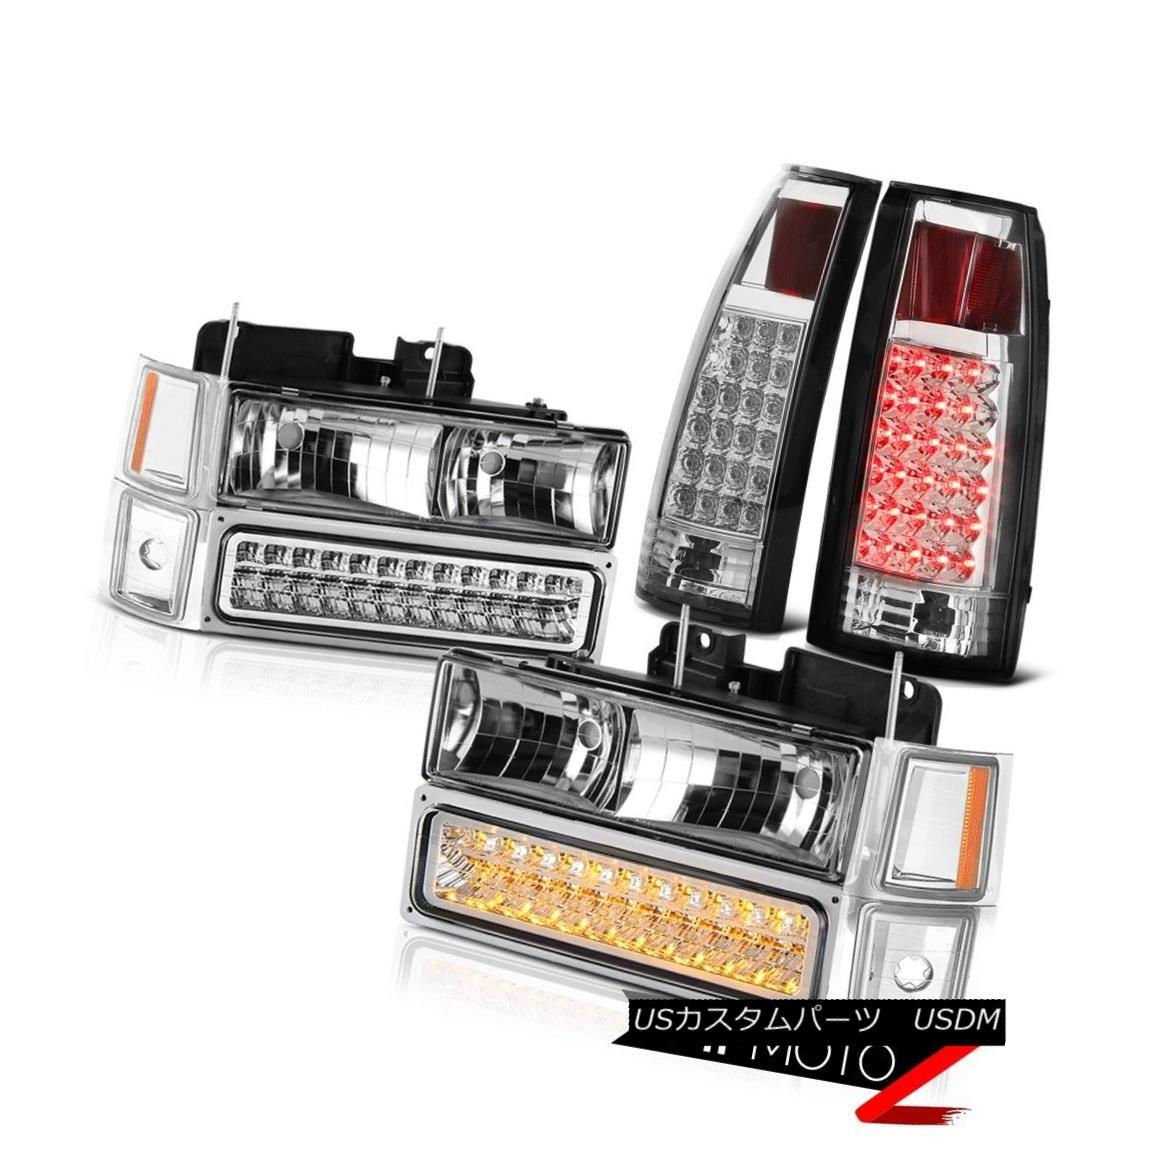 ヘッドライト 1994 1995 1996 1997 1998 Silverado Tahoe Suburban LED Chrome Tail Lamp Headlight 1994 1995 1995 1996 1997 1998シルバード・タホ郊外LEDクロームテールランプ・ヘッドライト